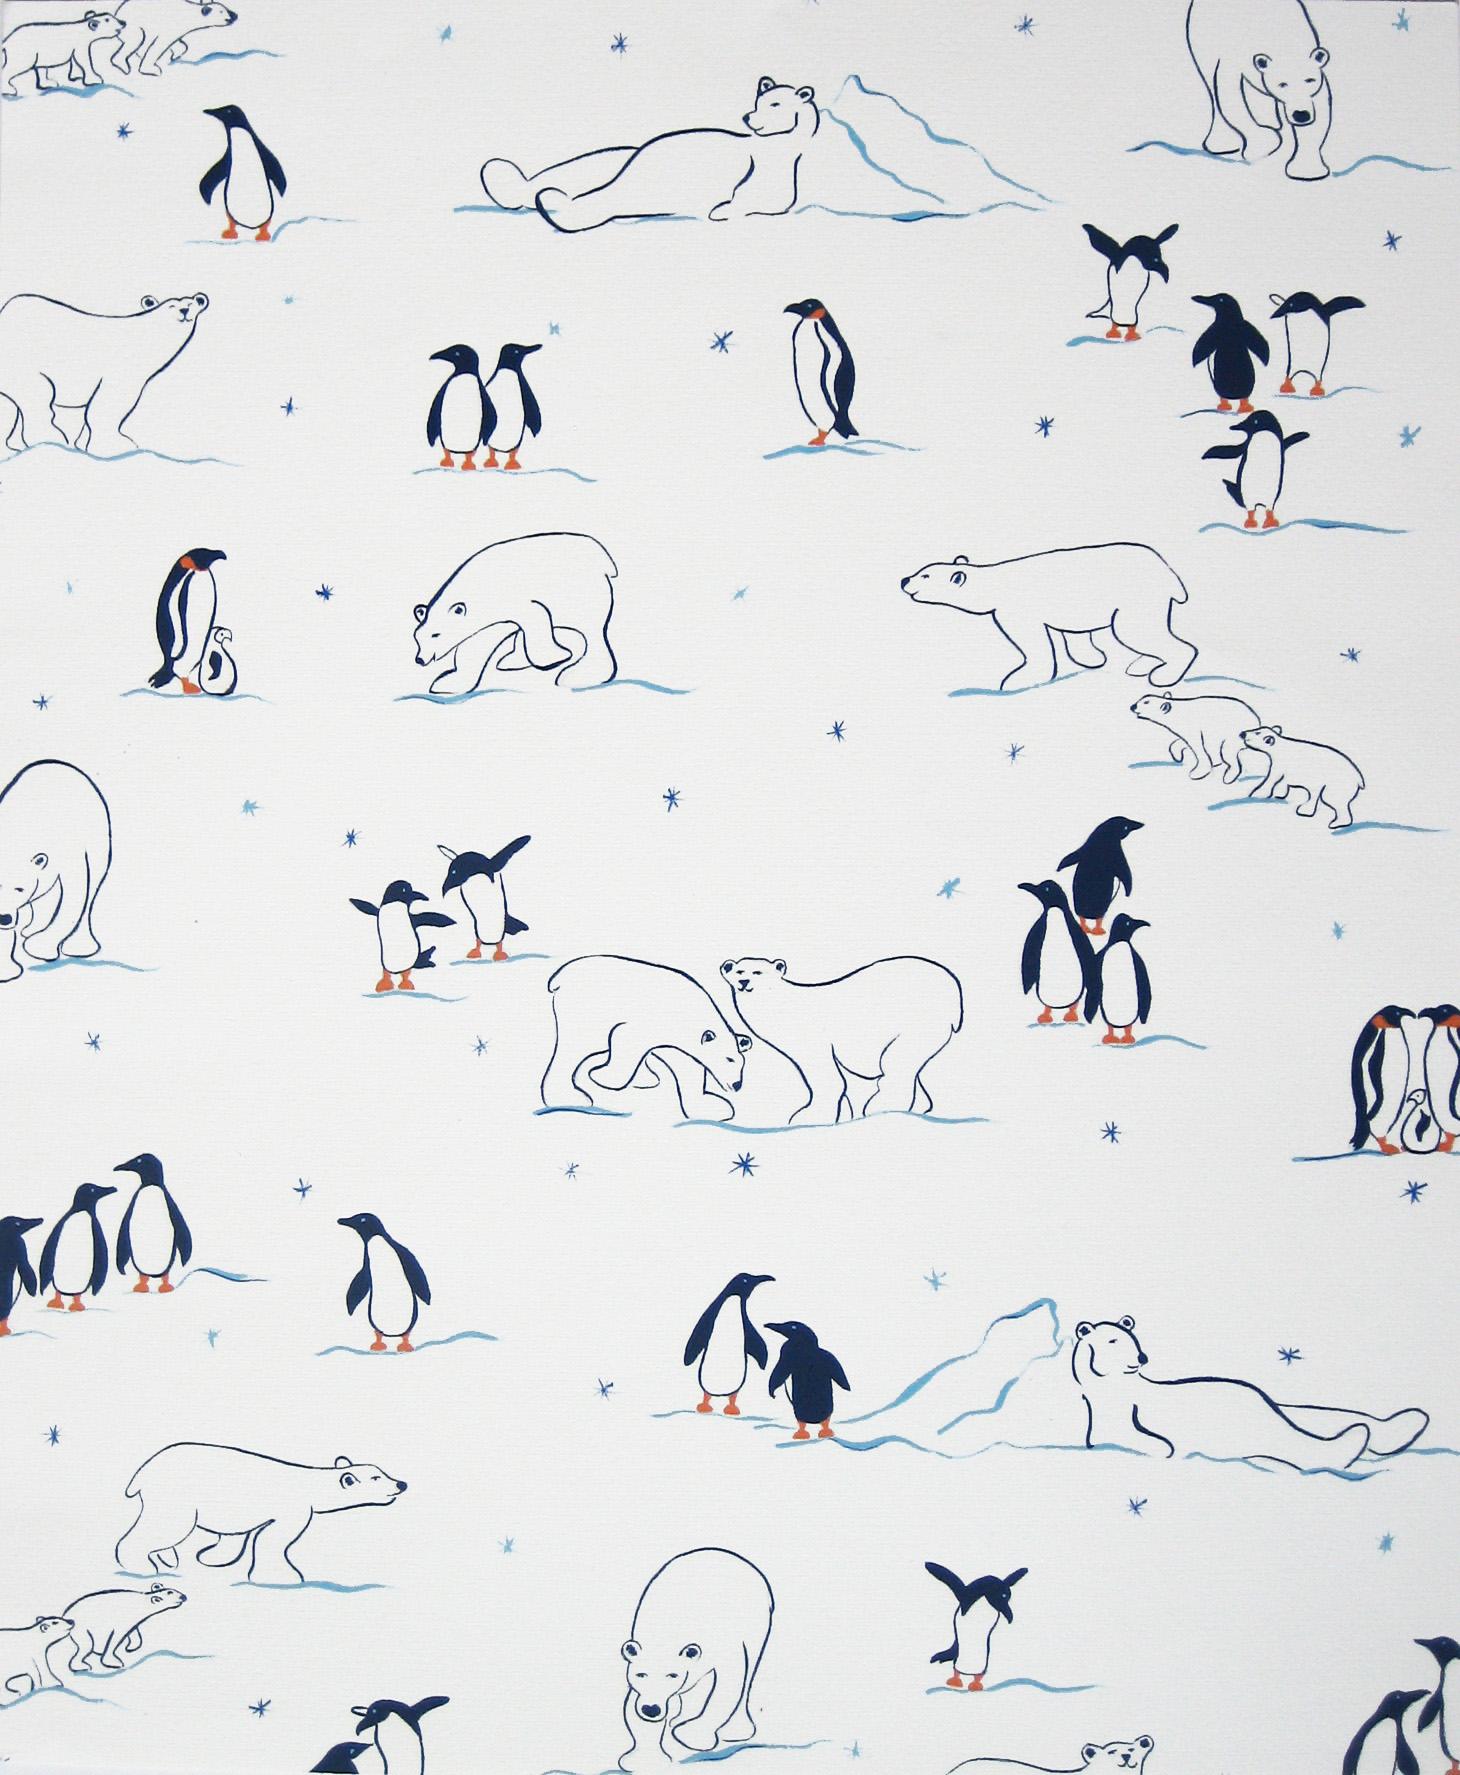 Children's - Penguins and Polar Bears copy.jpg